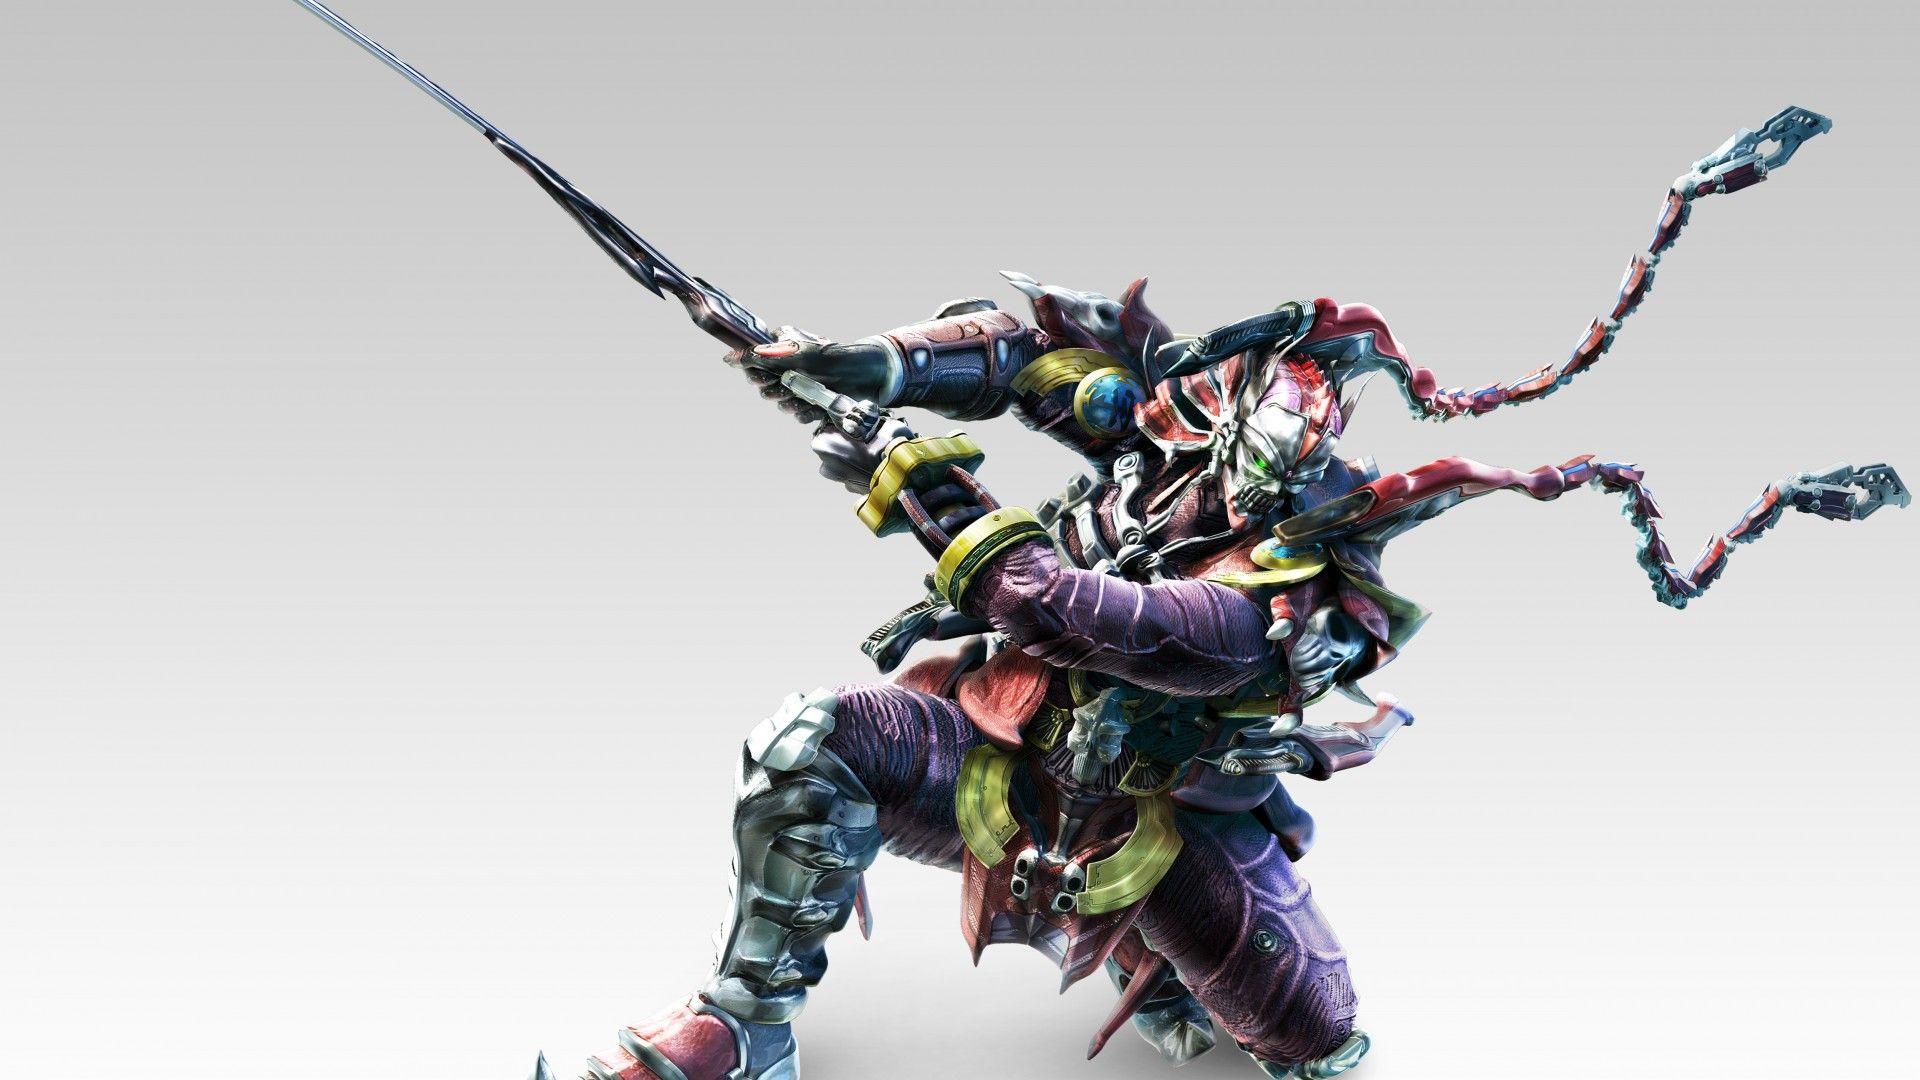 Yoshimitsu Tekken 7 Ps4 Full Hd Wallpaper Hd Wallpaper Hd